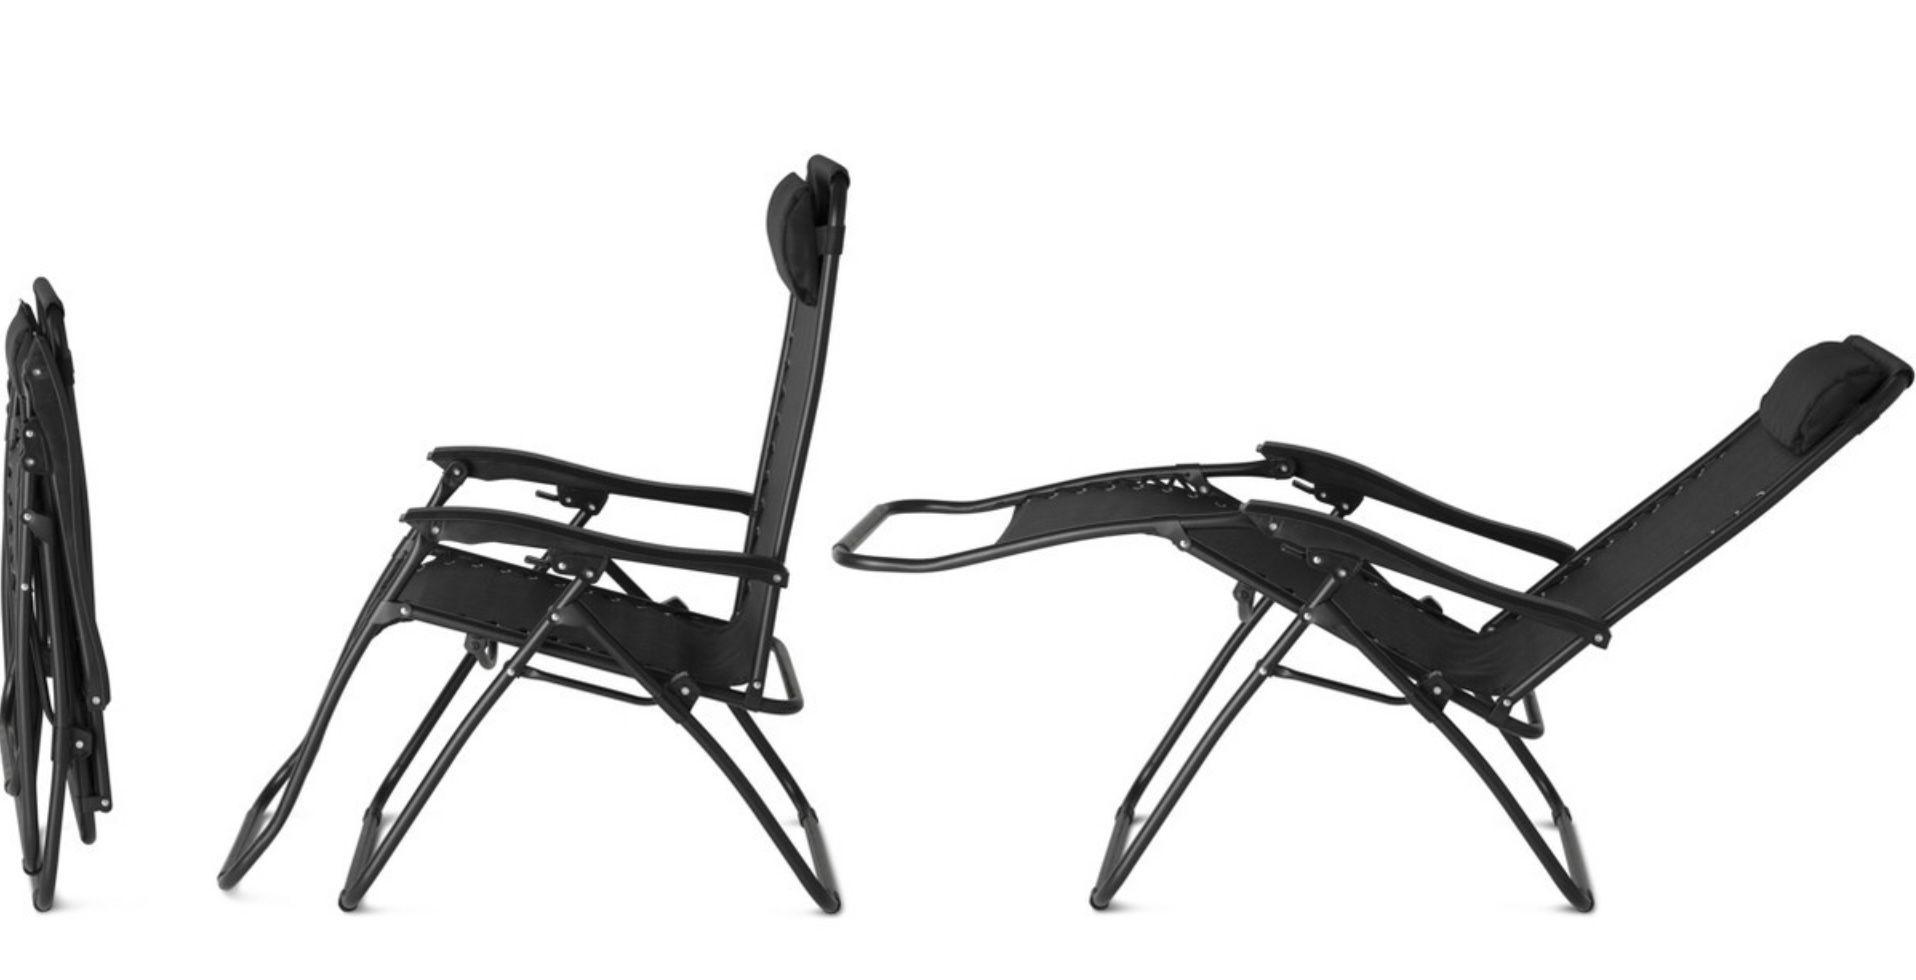 2er Set 909 Outdoor Liegestuhl in Schwarz für 78,90€ (statt 100€)